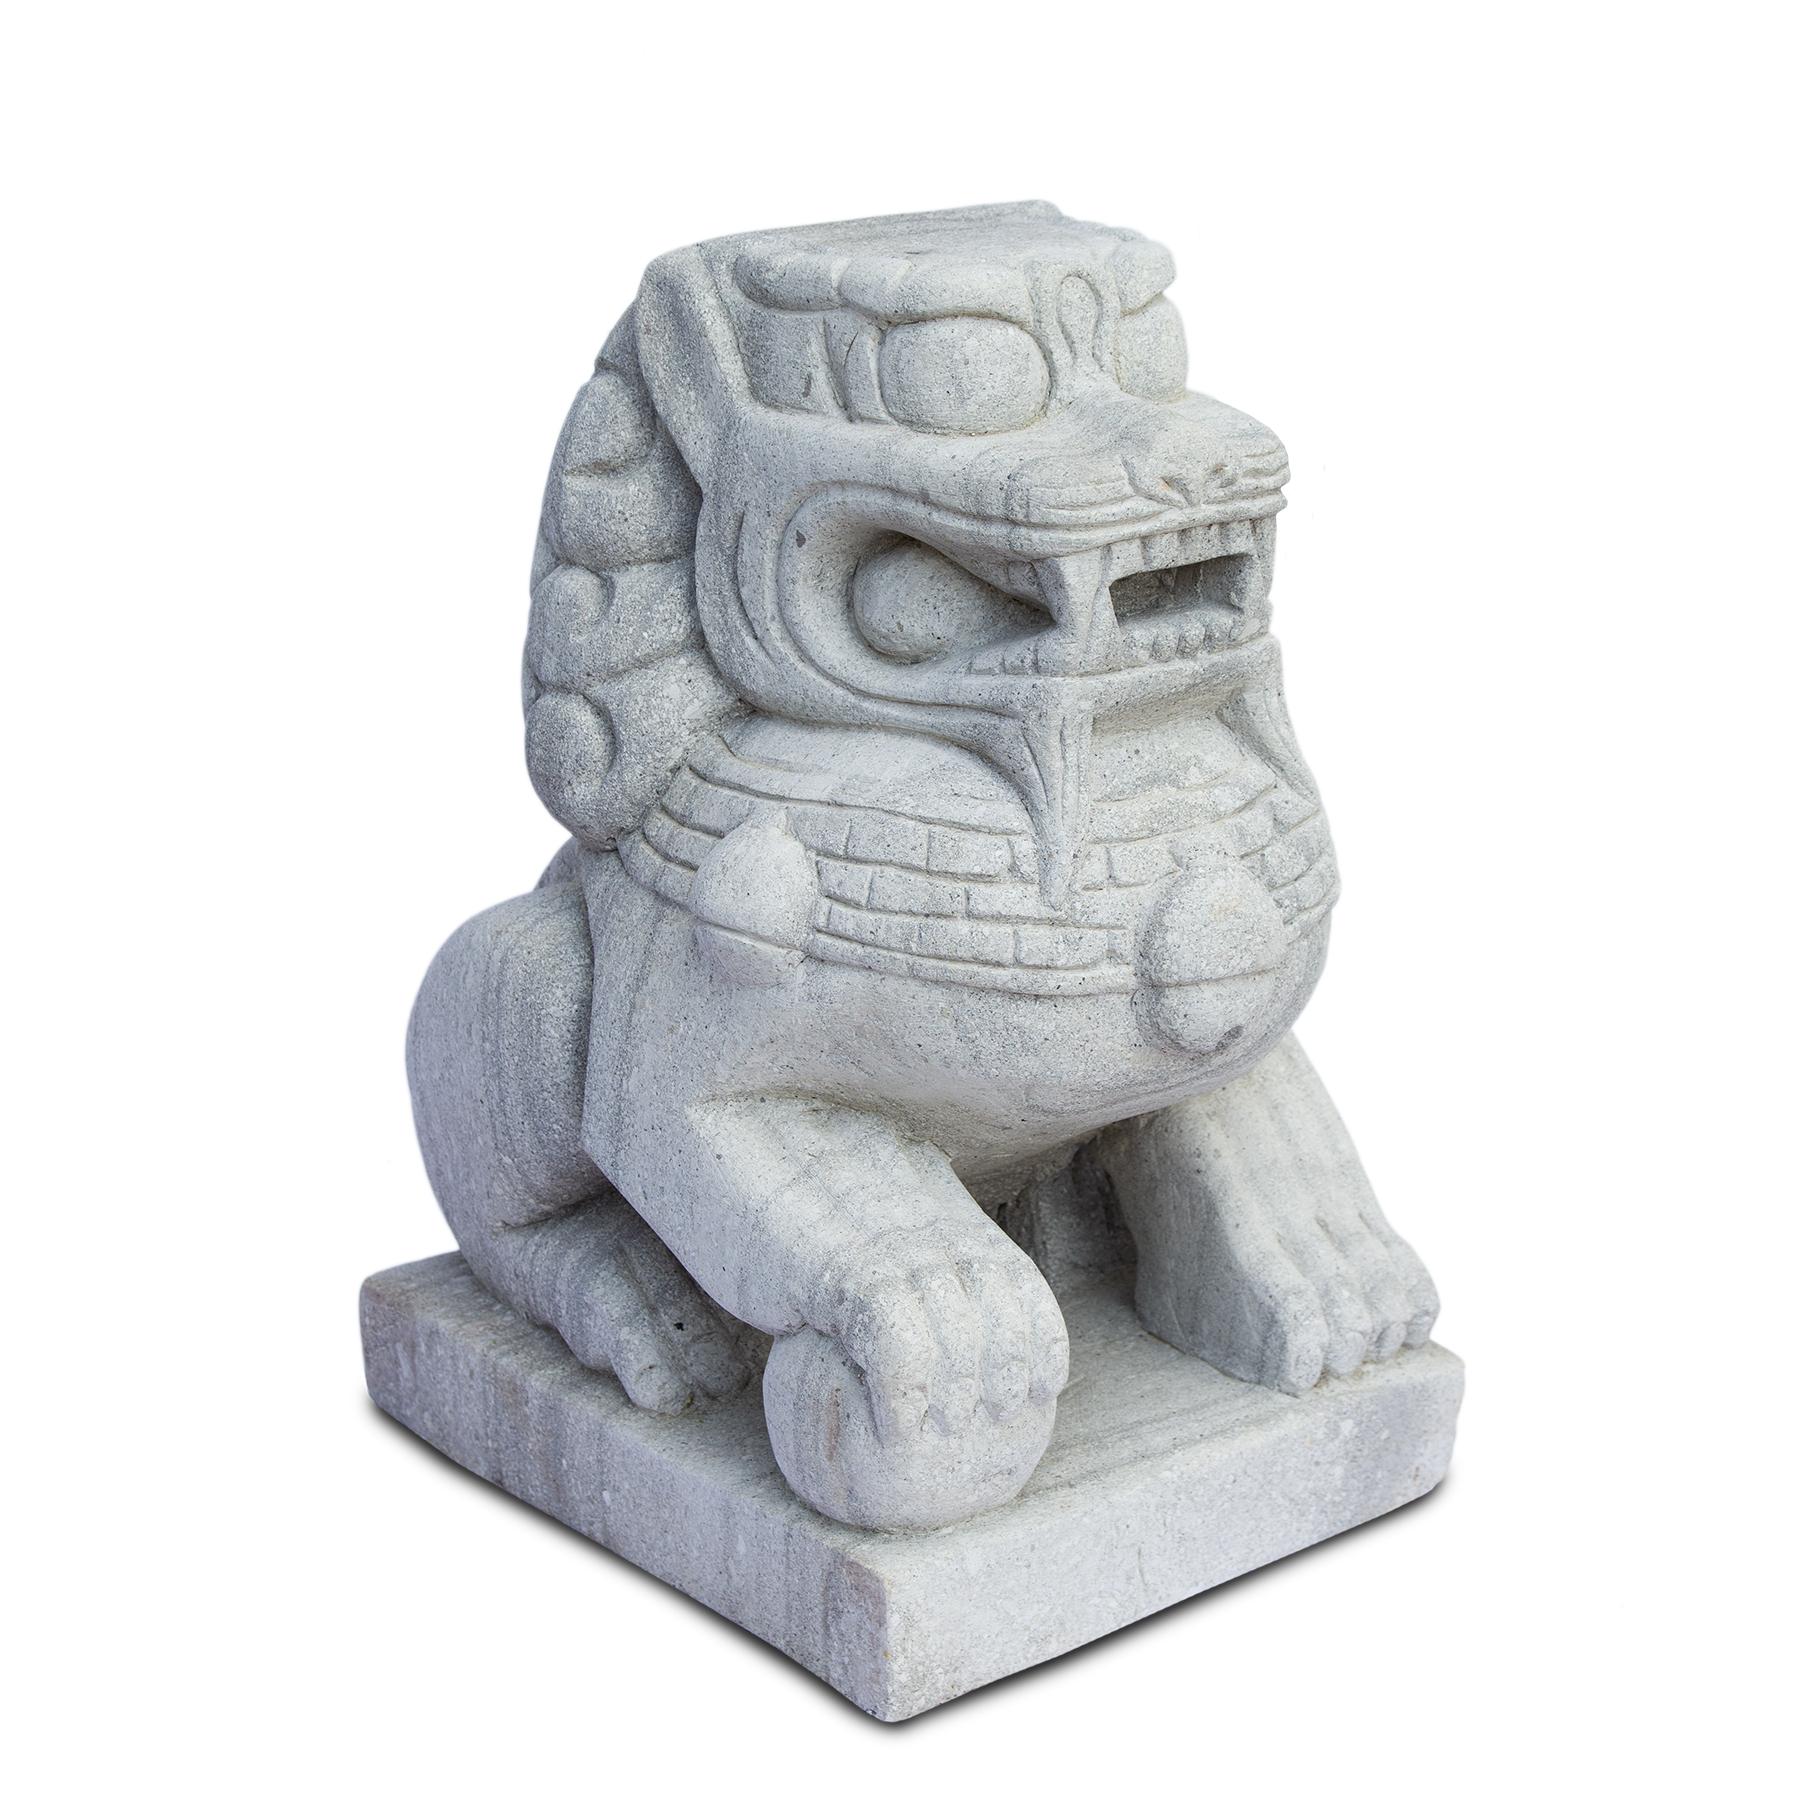 Fu Hund Wächterlöwe Skulptur Tempelwächter Rechts ca. 64 cm Wetterfest Stein-Gemisch massiv Grau – Bild 3